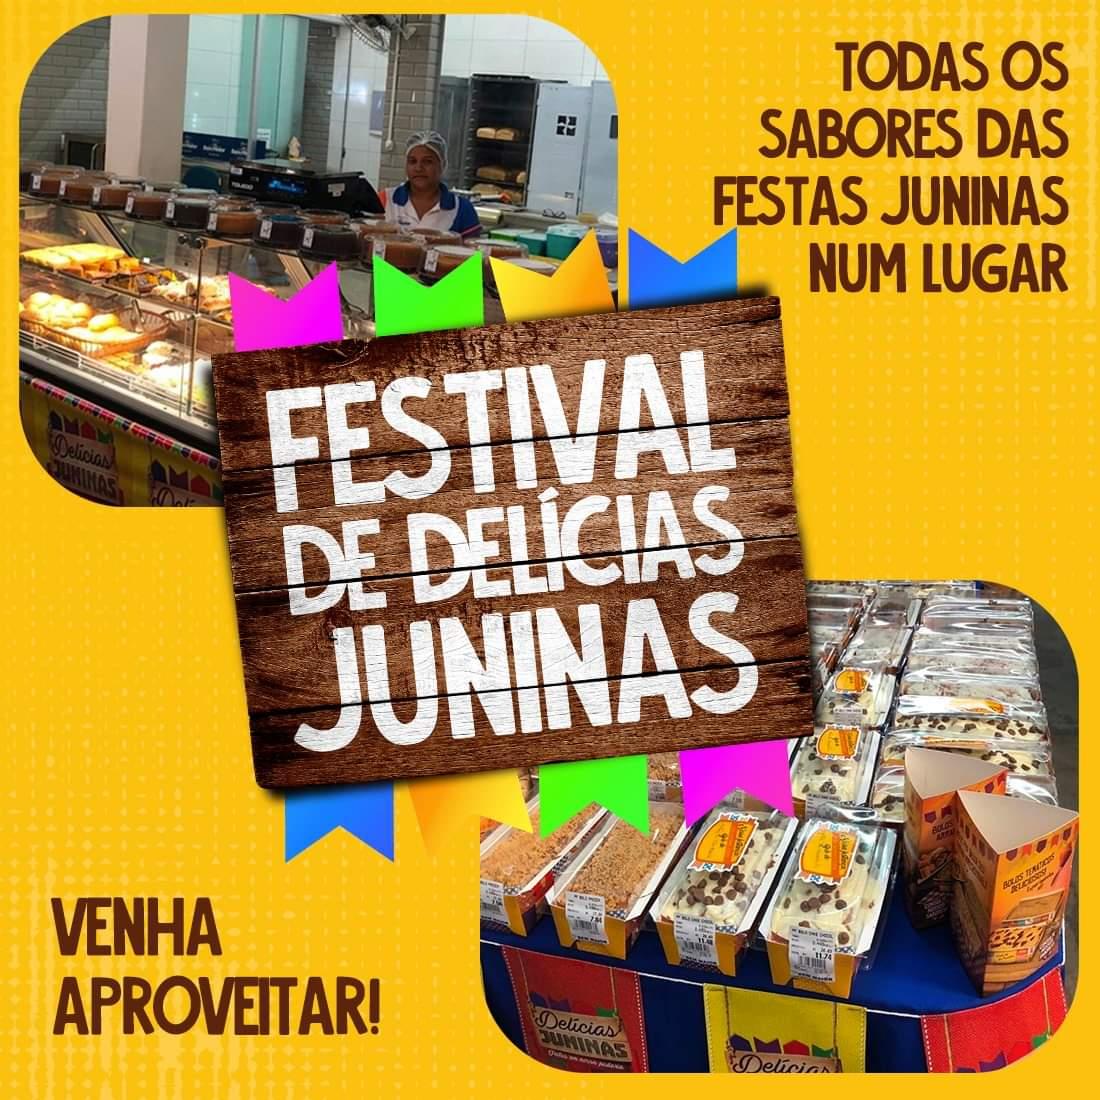 Supermercado Bem Maior tem ofertas e festival de delícias juninas neste feriadão em Paraíso